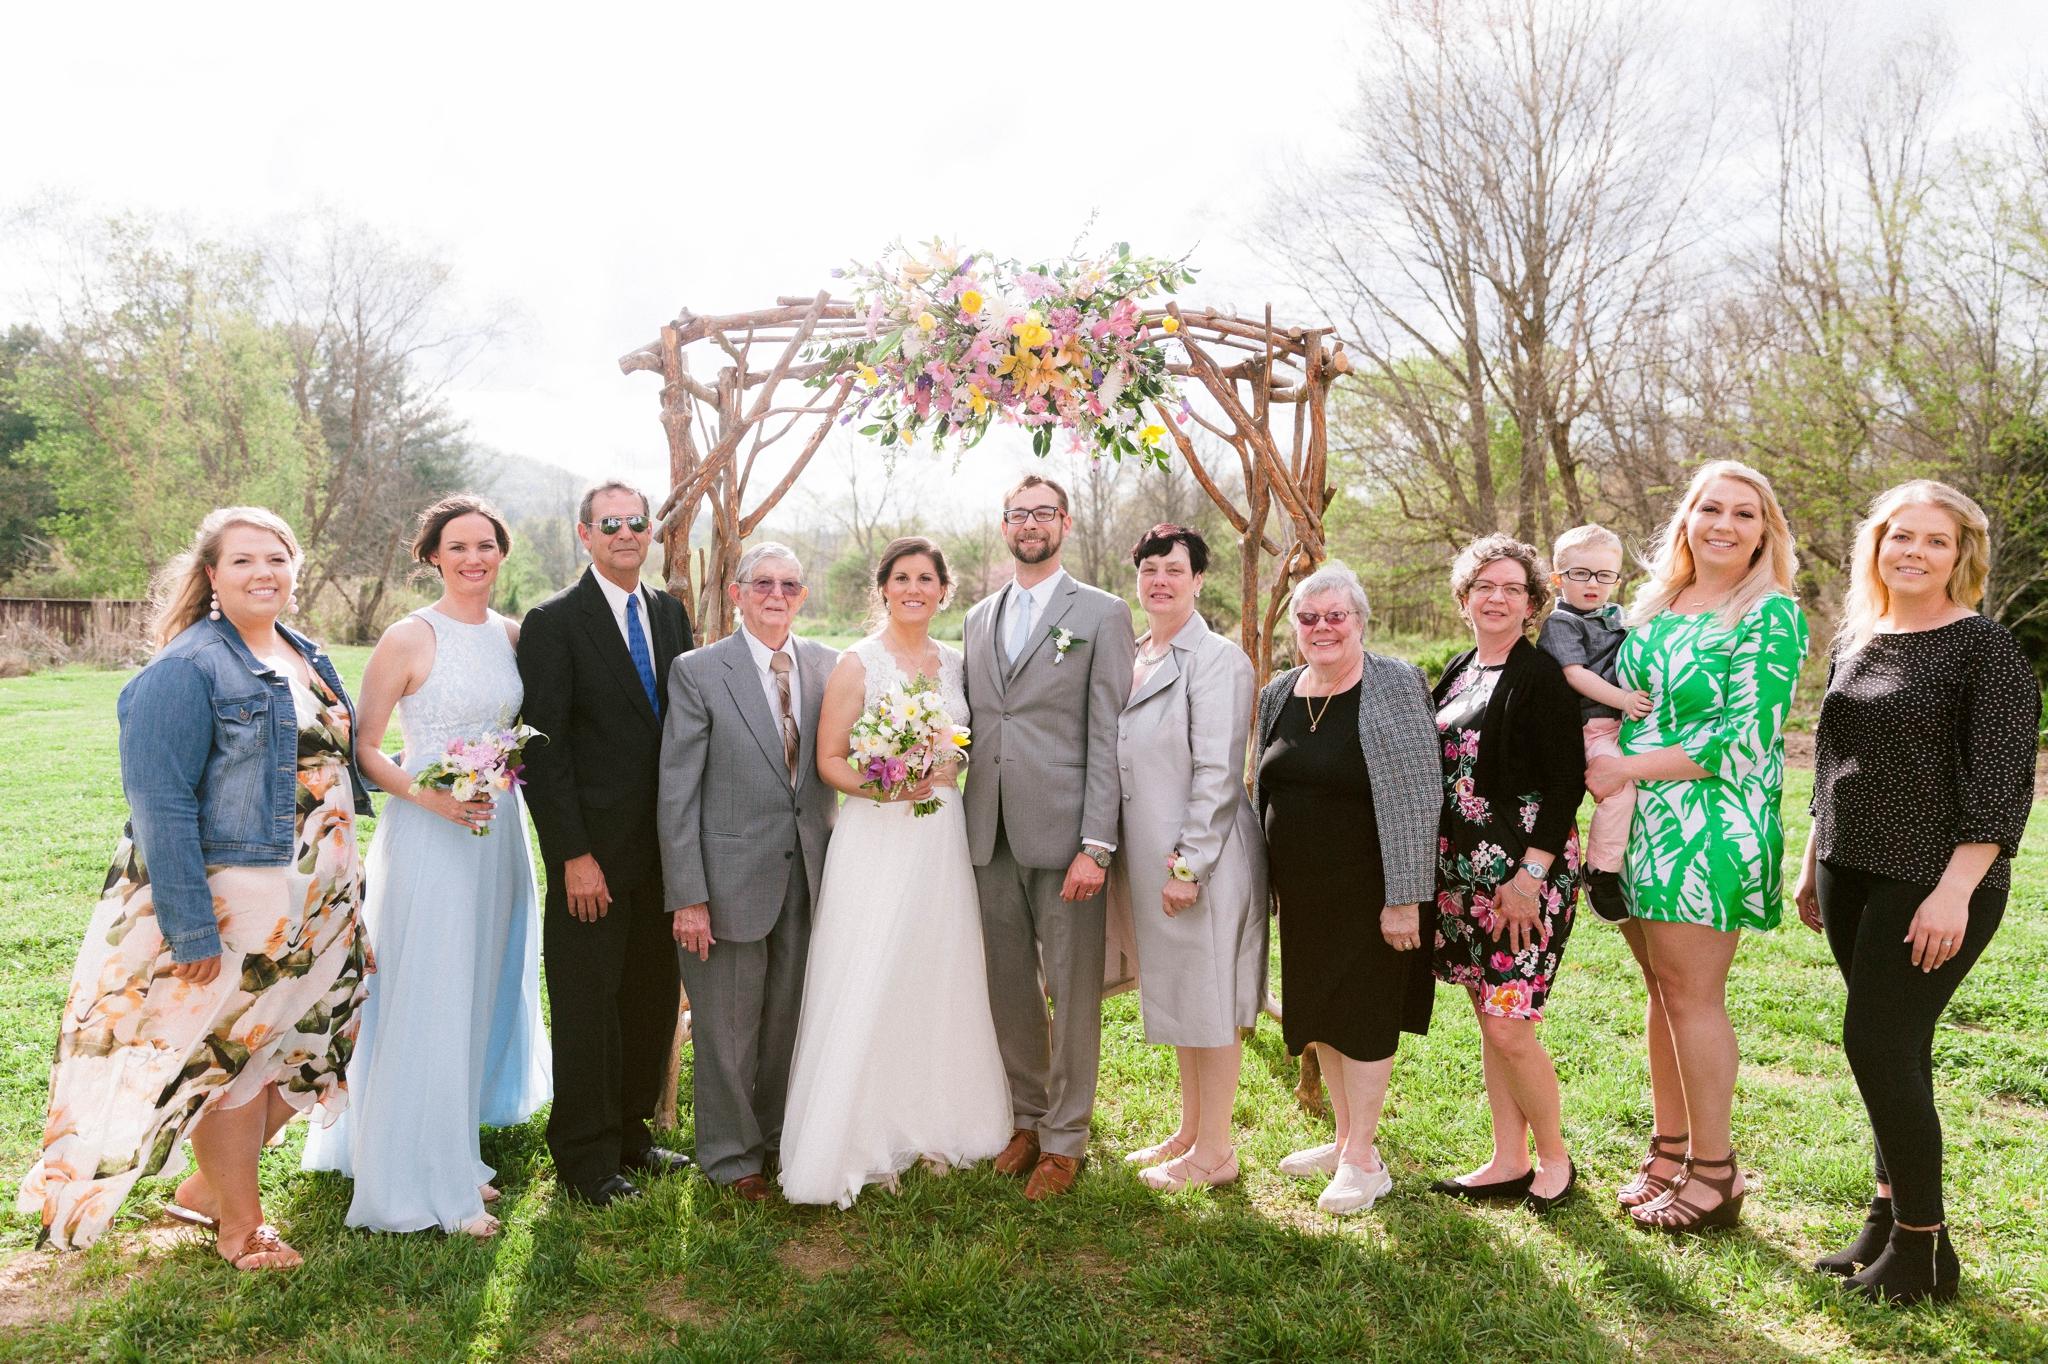 Kelly + Brian - Outdoor Garden Wedding - Honolulu Oahu Hawaii Wedding Photographer 43.jpg